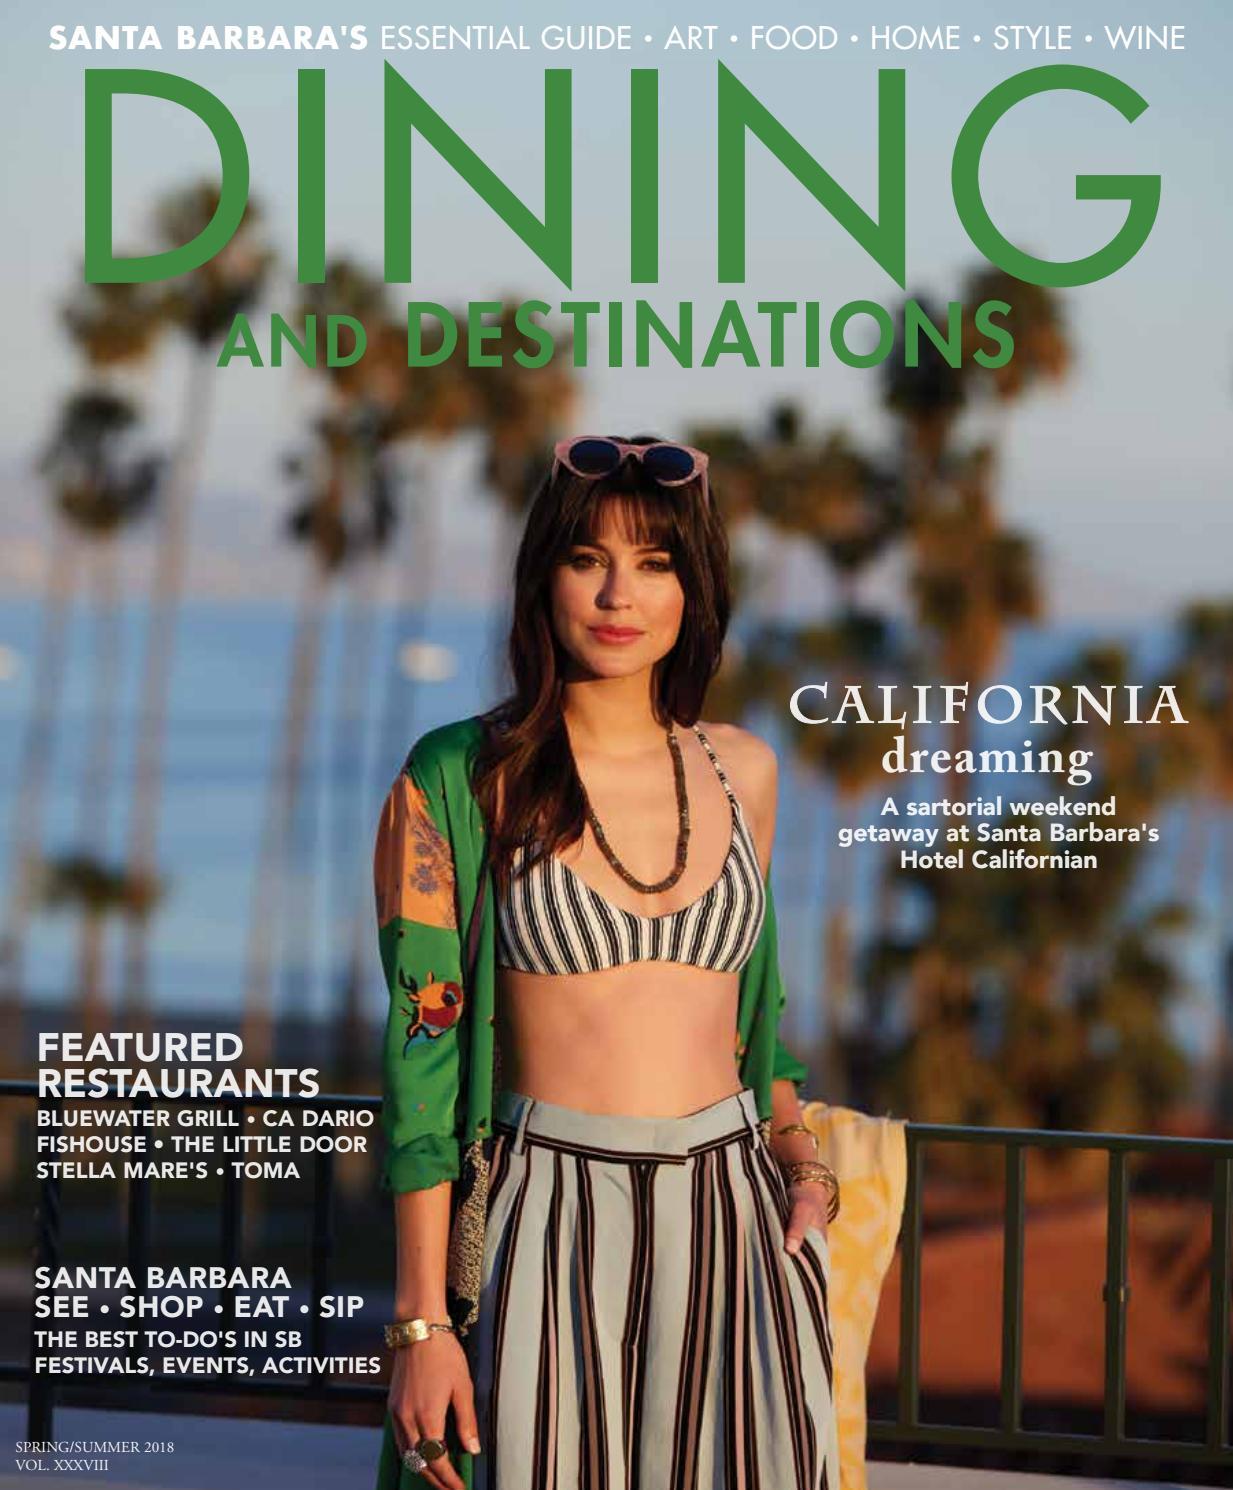 fb4460b922ff Santa Barbara Dining and Destinations Spring Summer 2018 by Santa ...